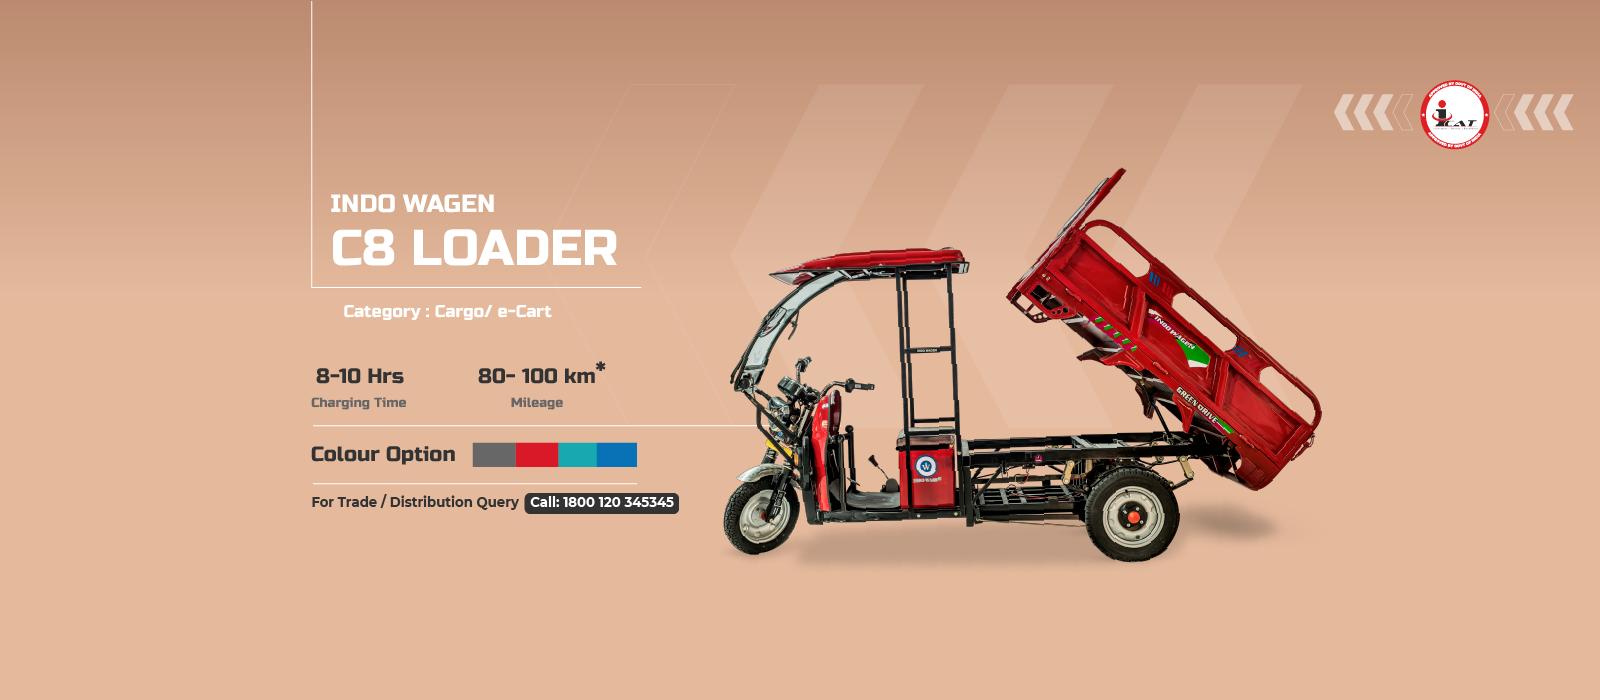 C8 loader new